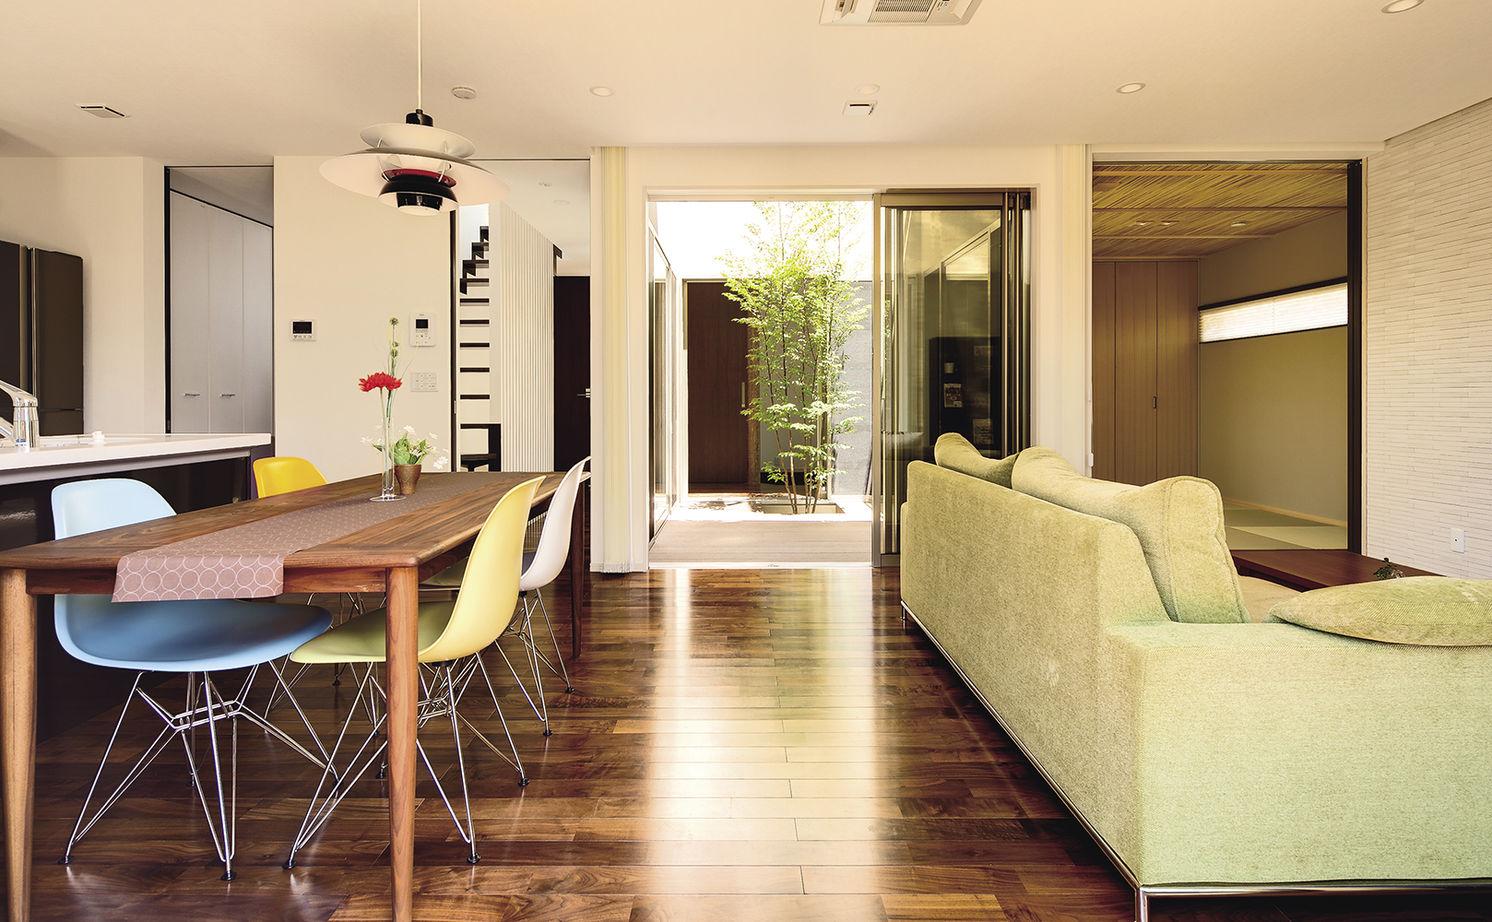 中庭から家中に届く光と風。外断熱+SE構法で建てた開放的な住まい【間取り図あり】画像3